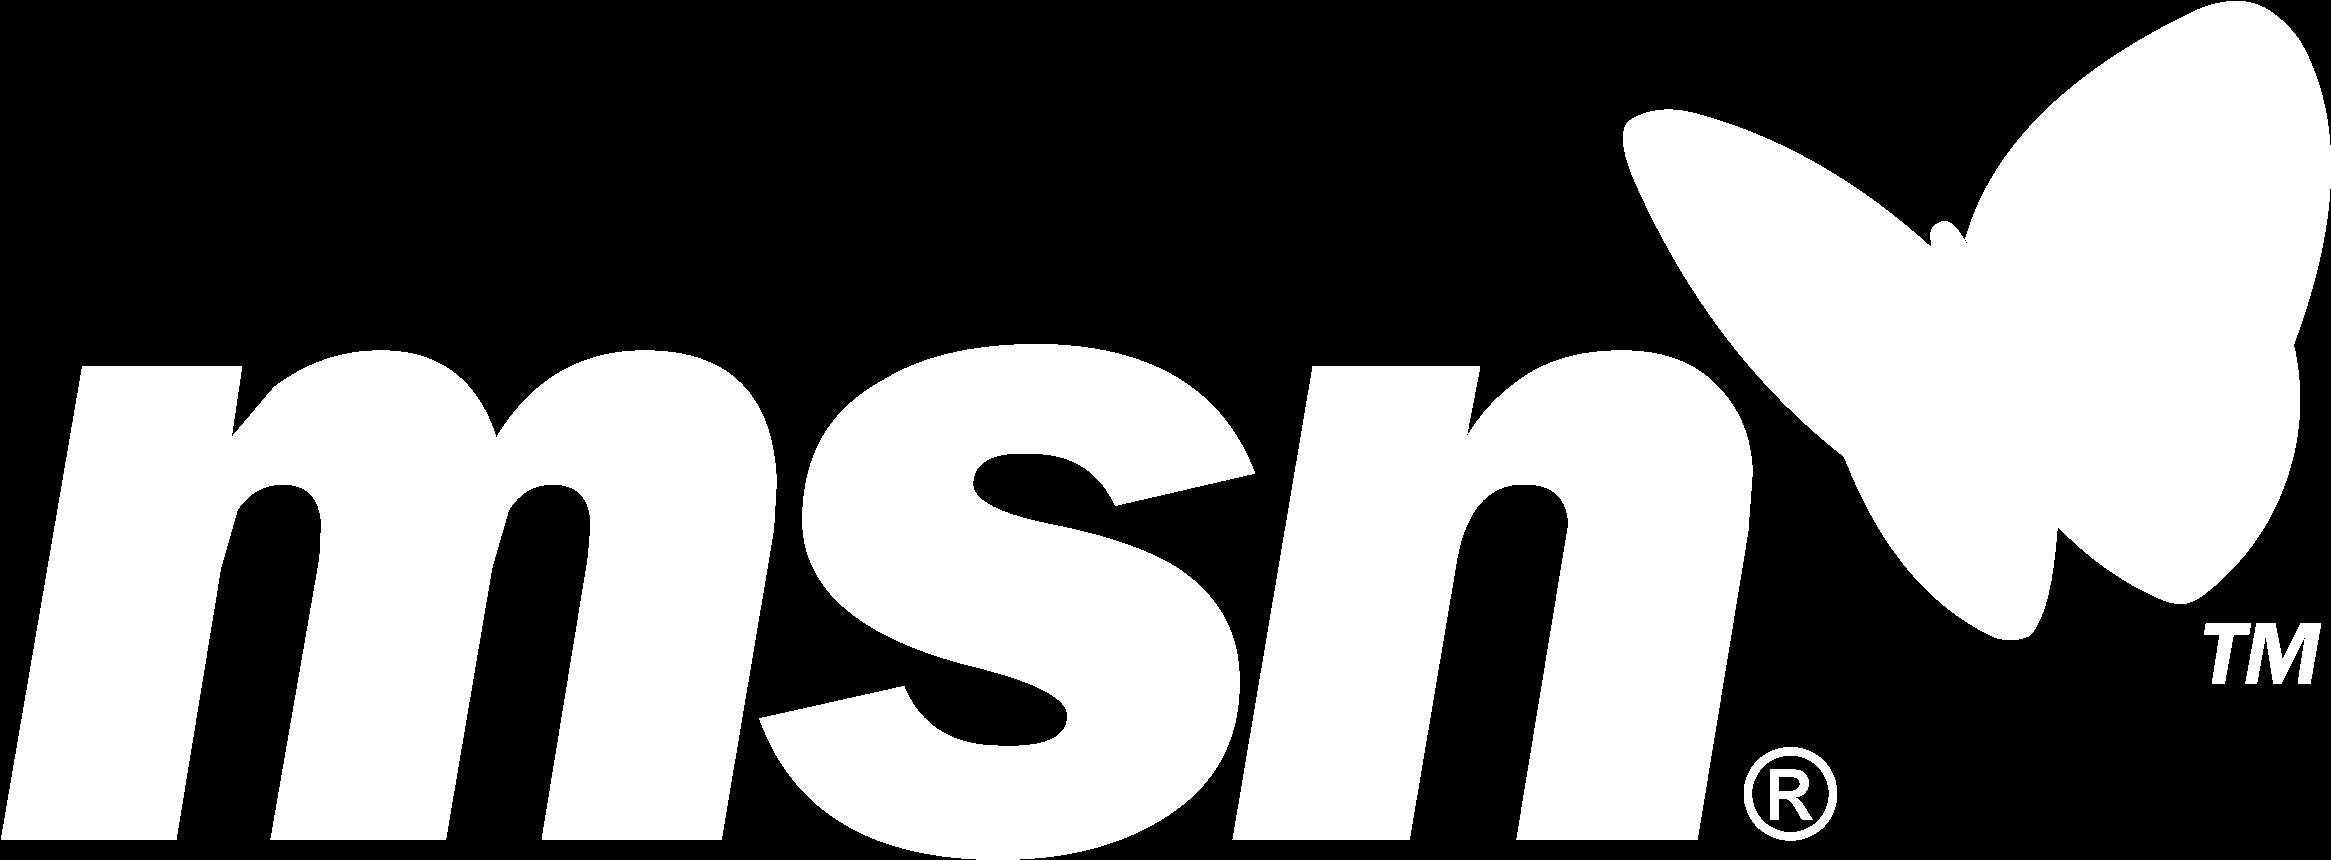 341-3415101_msn-logo-black-and-white-close-icon-white